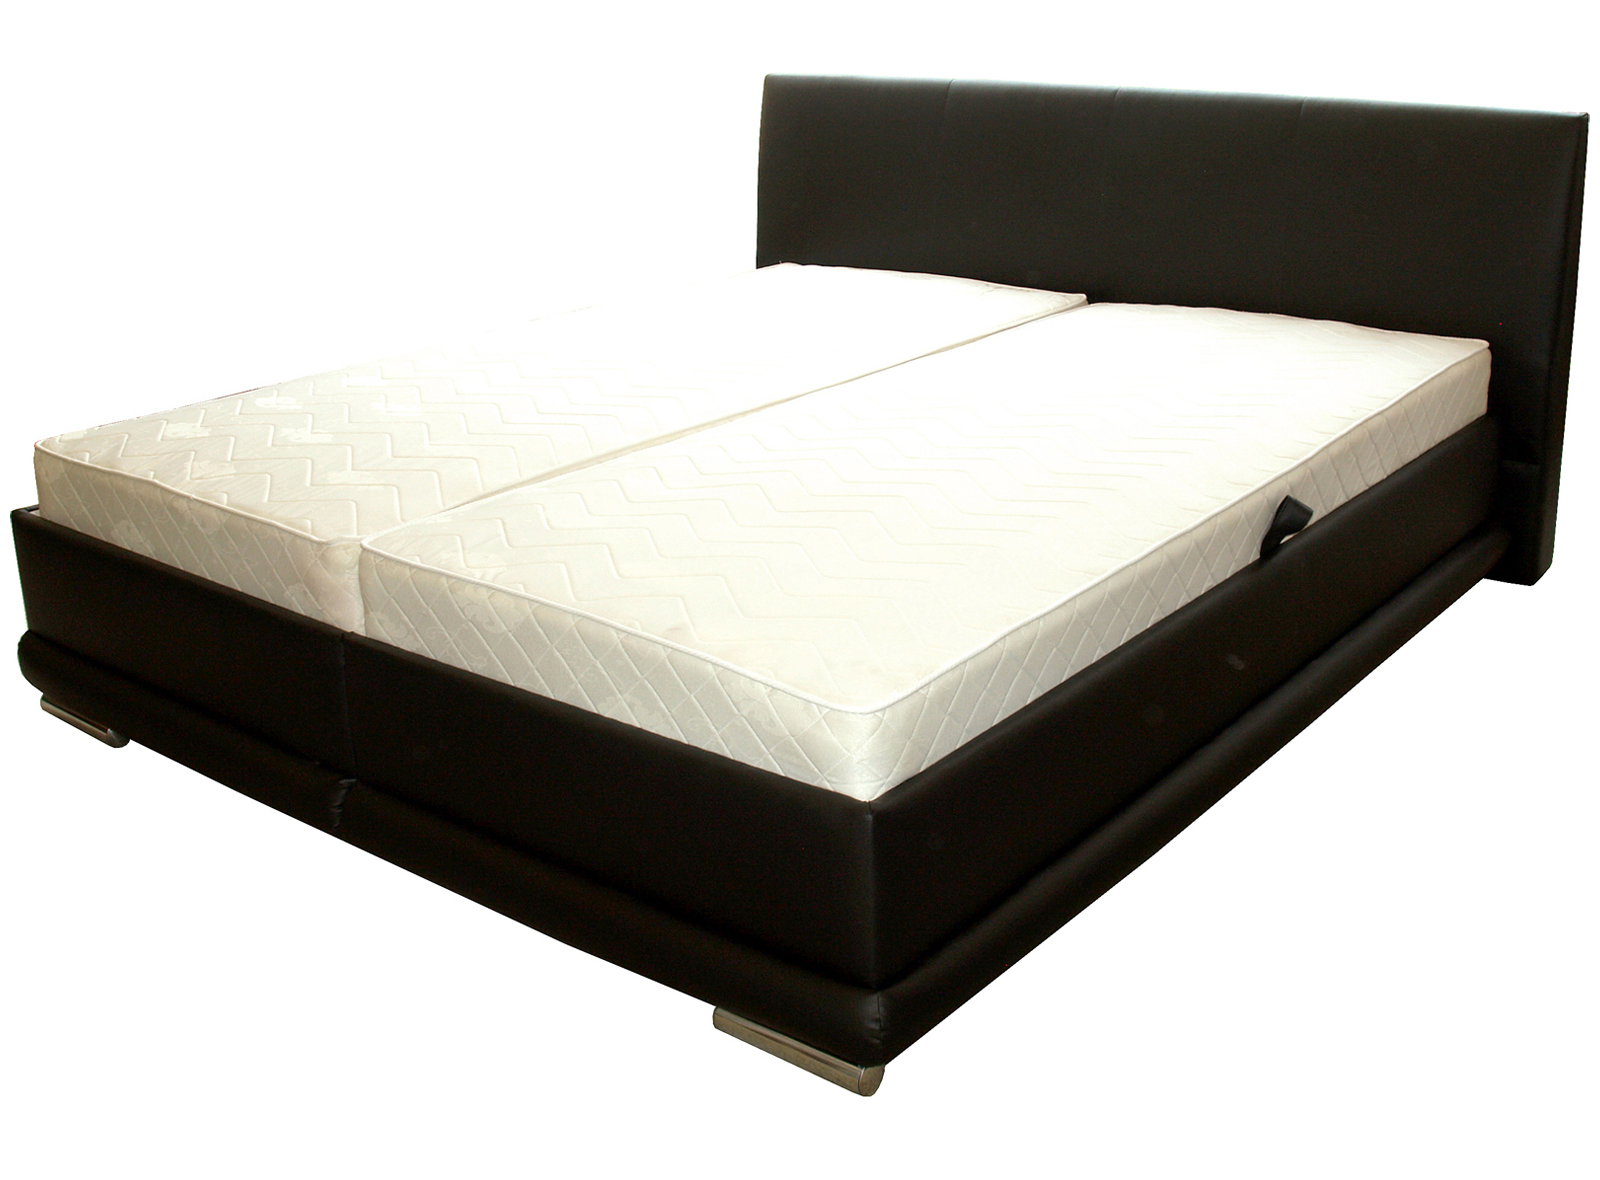 Manželská posteľ 180 cm - Benab - Marbella 2 (s roštami). Akcia -15%. Sme autorizovaný predajca Benab. Vlastná spoľahlivá doprava až k Vám domov.